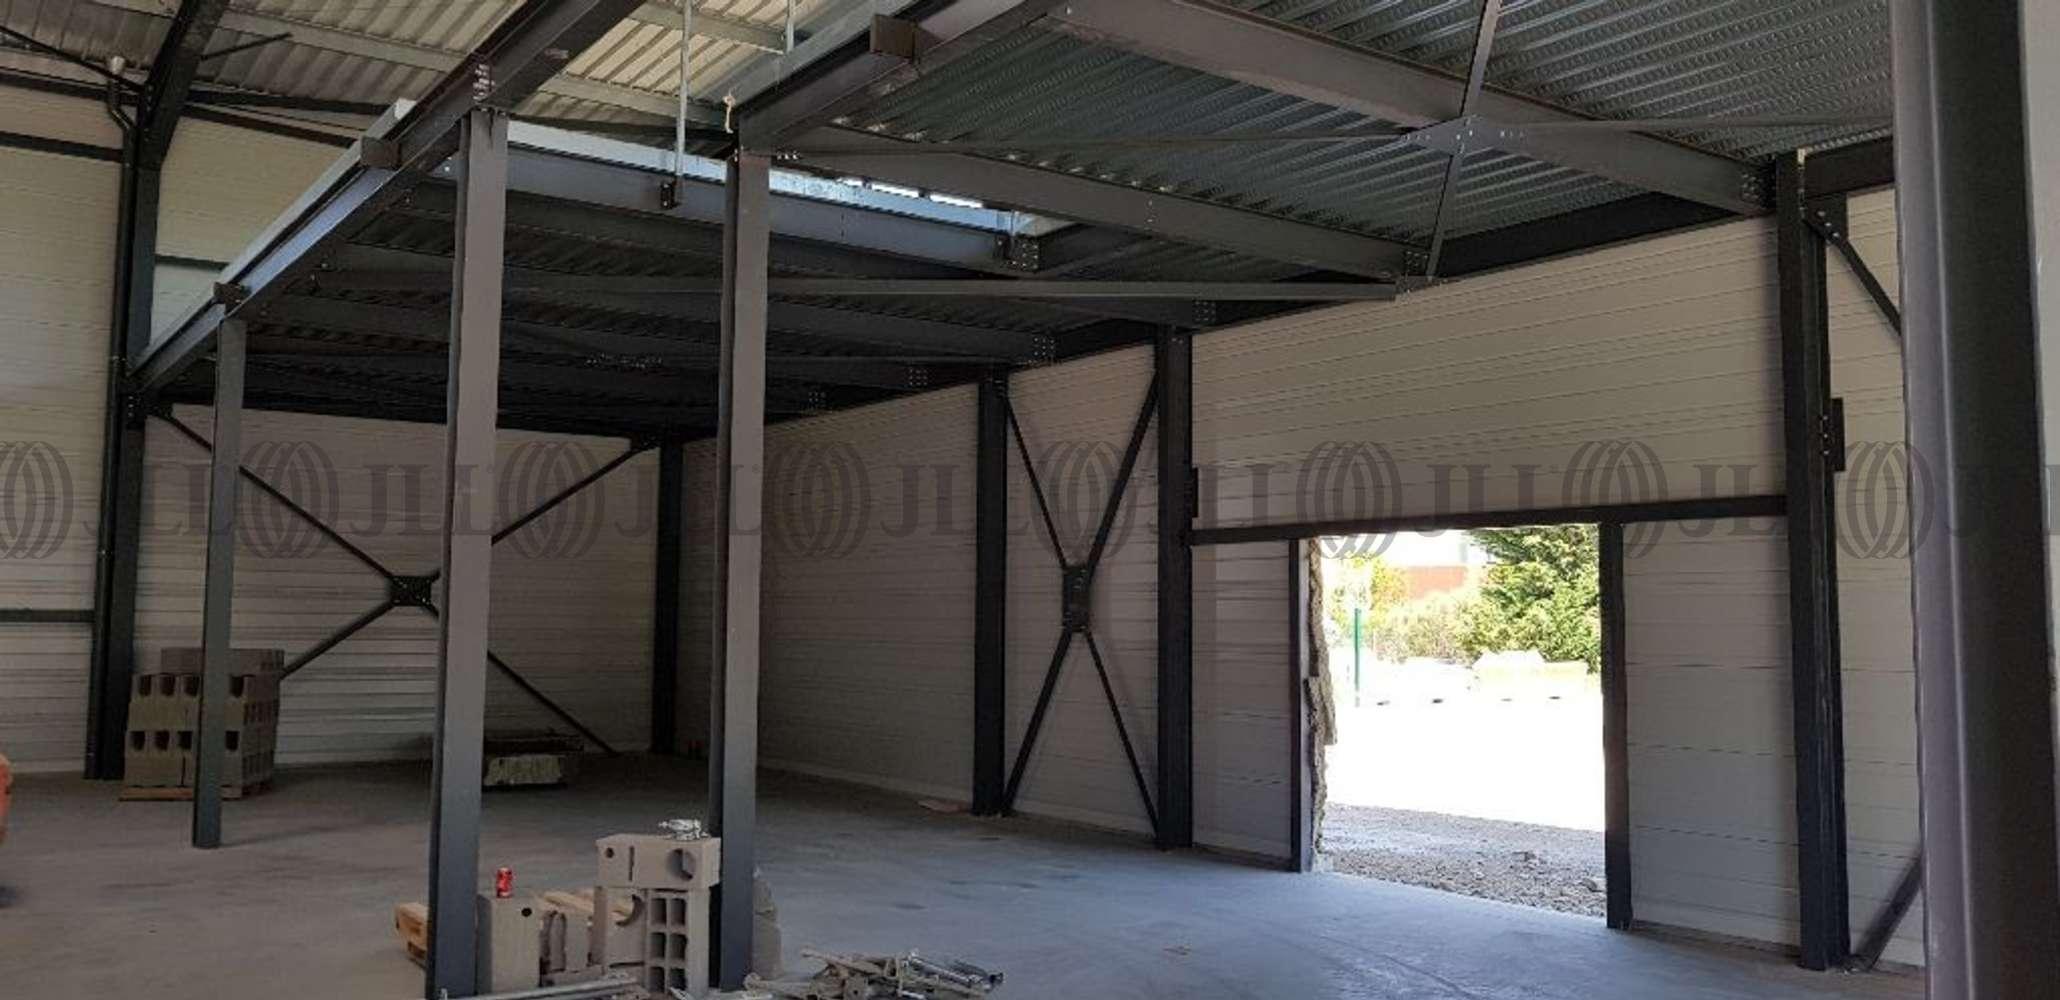 Activités/entrepôt Corbas, 69960 - ENTREPOT À VENDRE CORBAS (LYON, 69) - 9659120